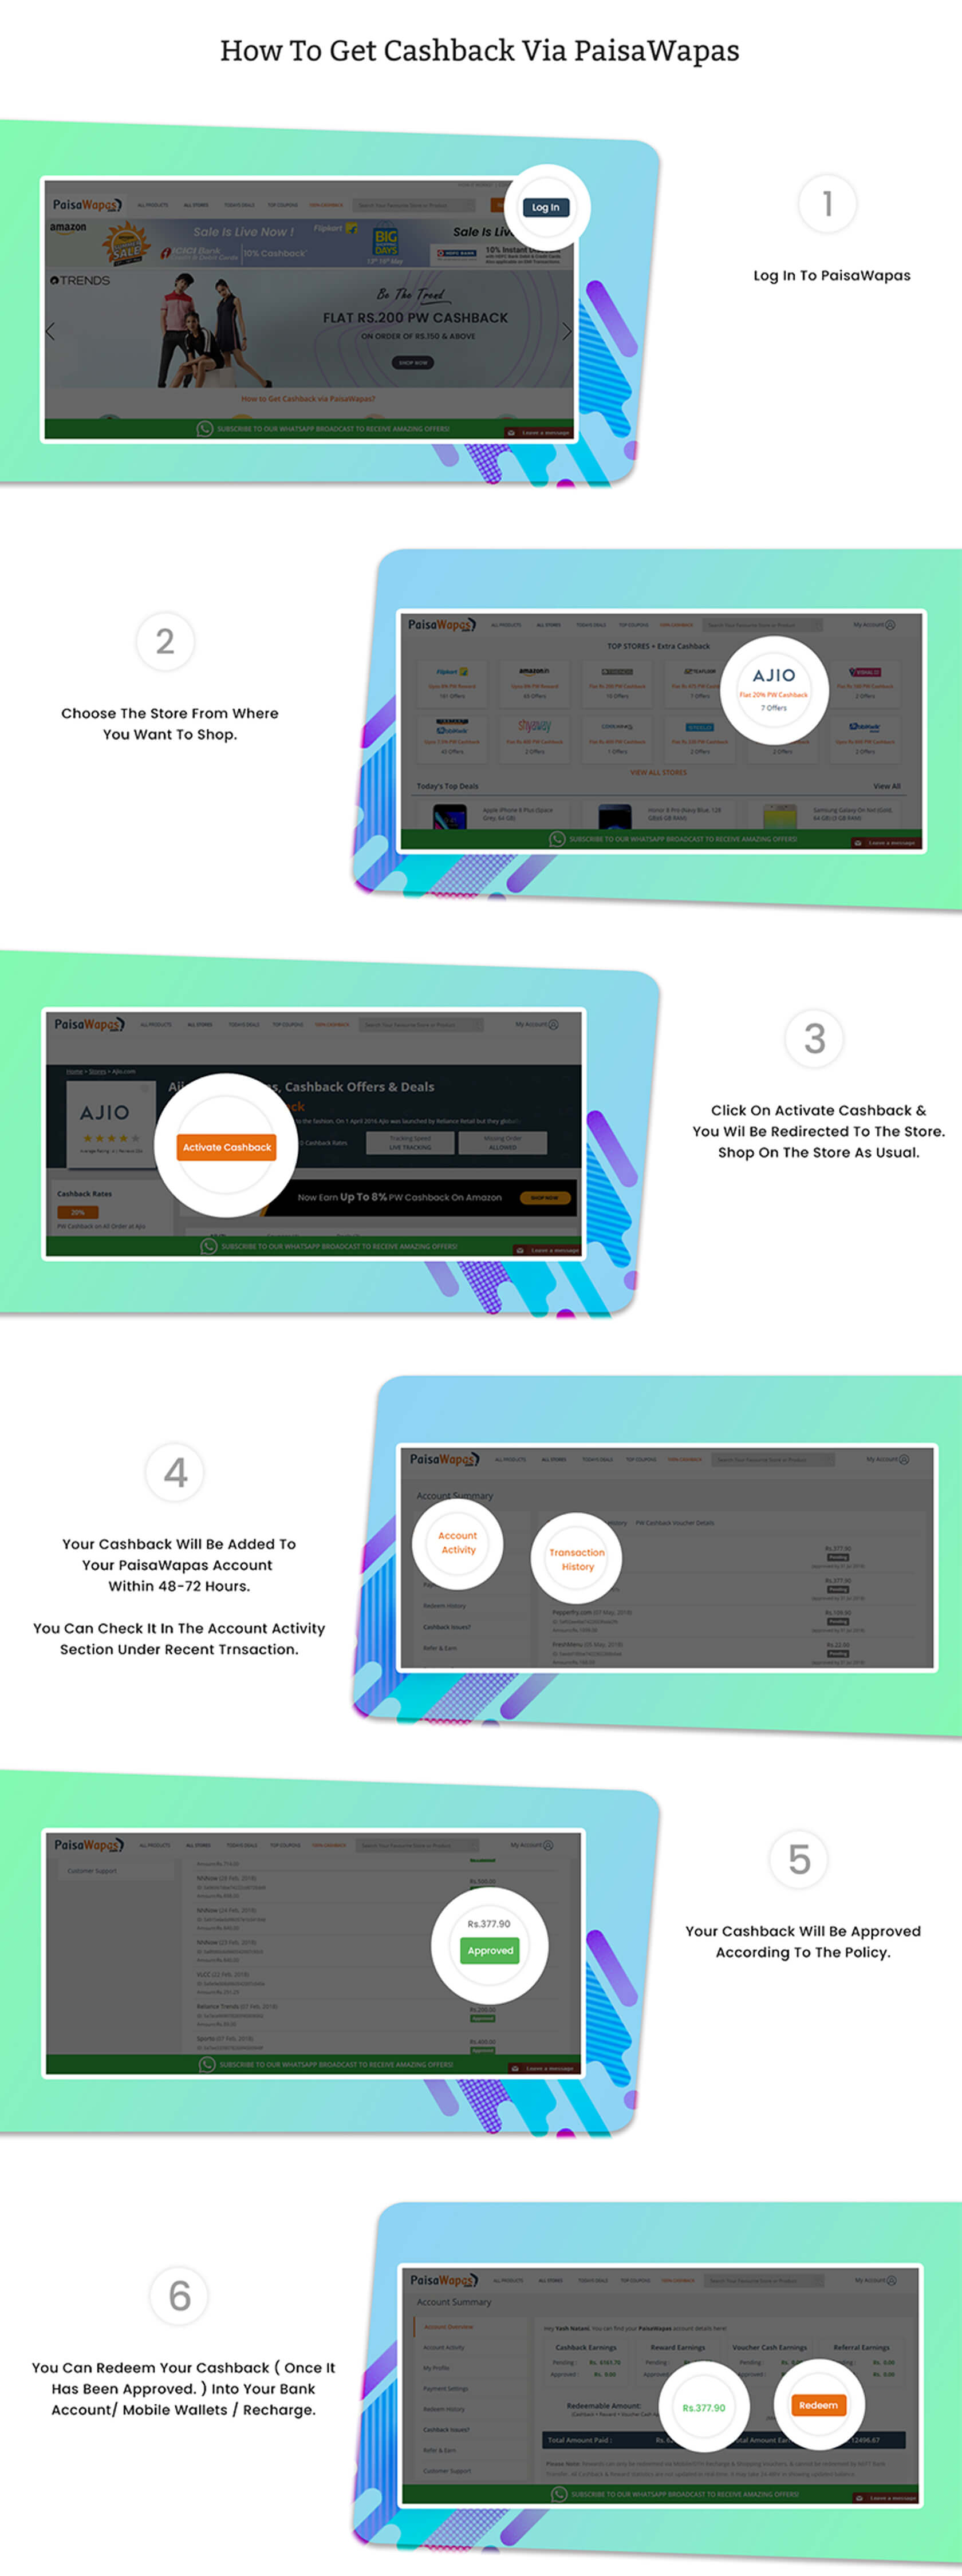 Detailed Cashback Steps